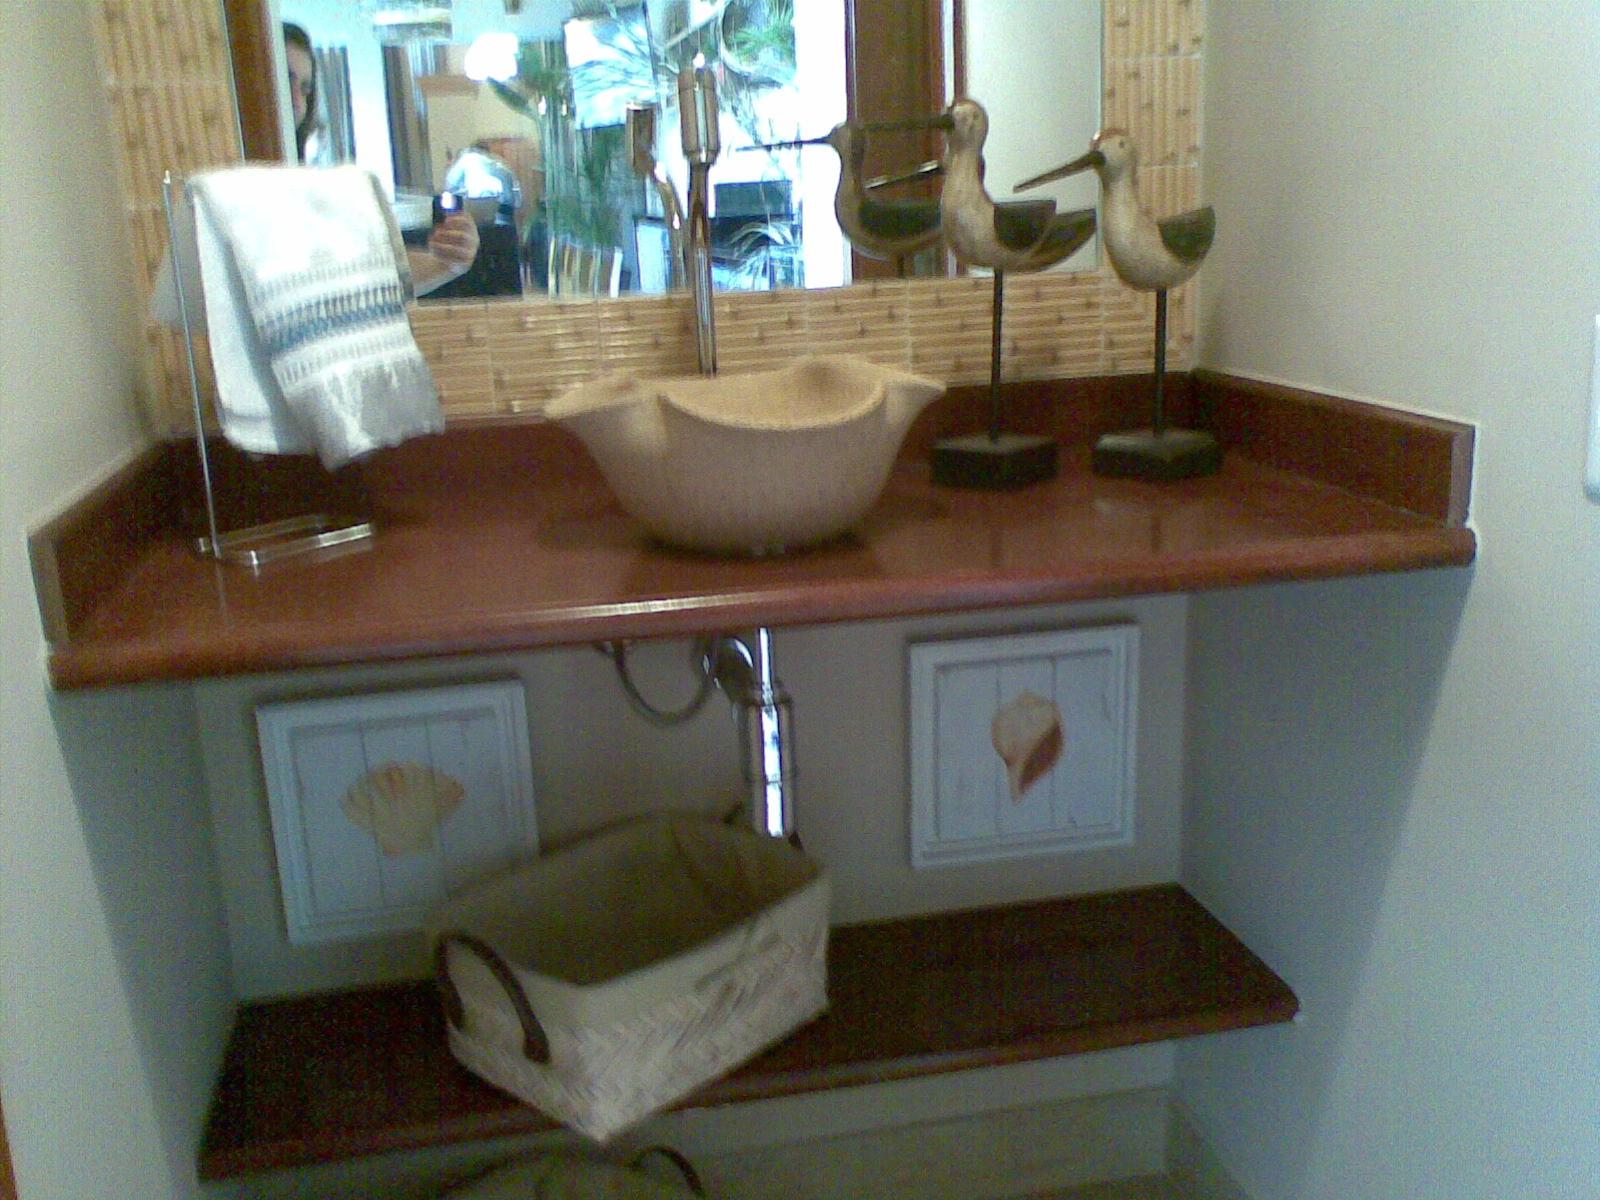 é o banheiro de apoio da área de lazer com cuba artesanal e bancada  #624632 1600x1200 Banheiro Bancada Madeira